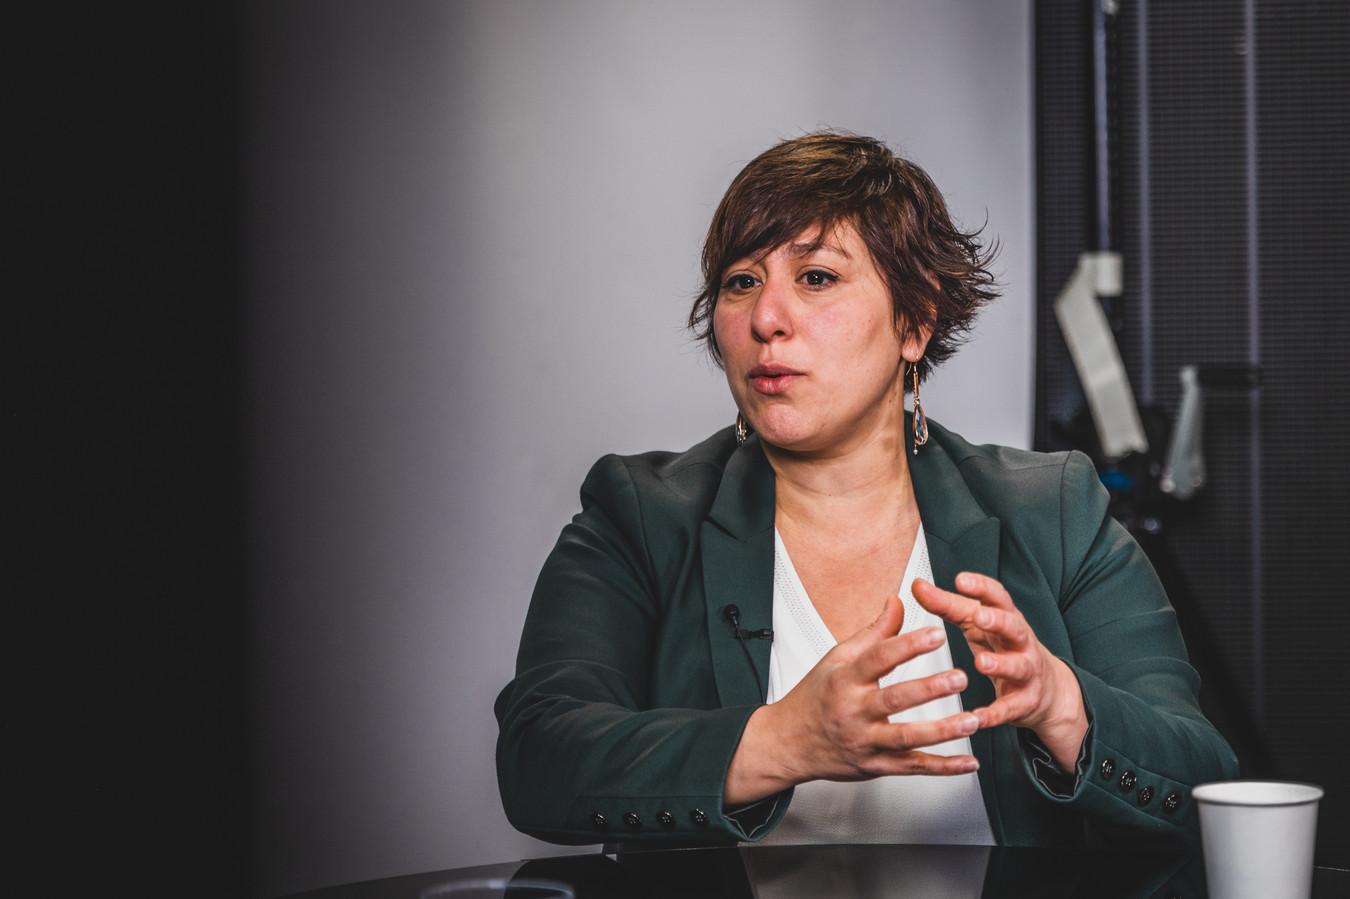 """Meyrem Almaci (Groen) gaat voor elke stem vechten. """"Ik wissel de federale Kamer in voor het Vlaams parlement omdat Vlaanderen kansen heeft laten liggen voor het klimaat, het onderwijs en de armoede."""""""